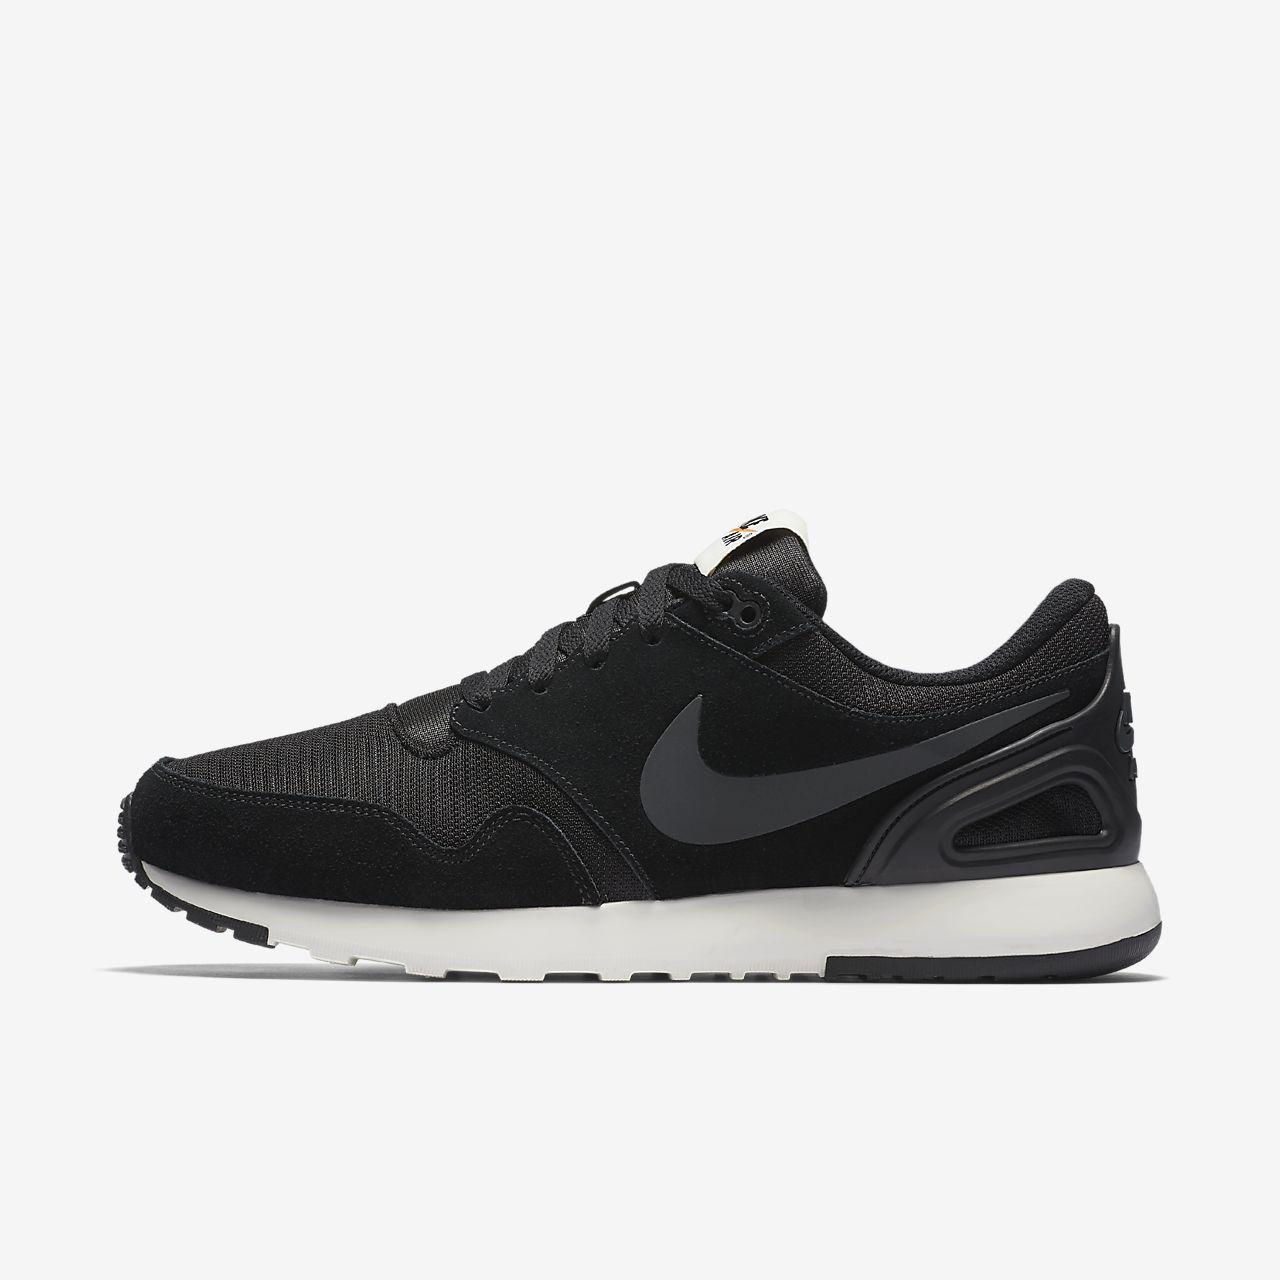 Sko Nike Air Vibenna för män